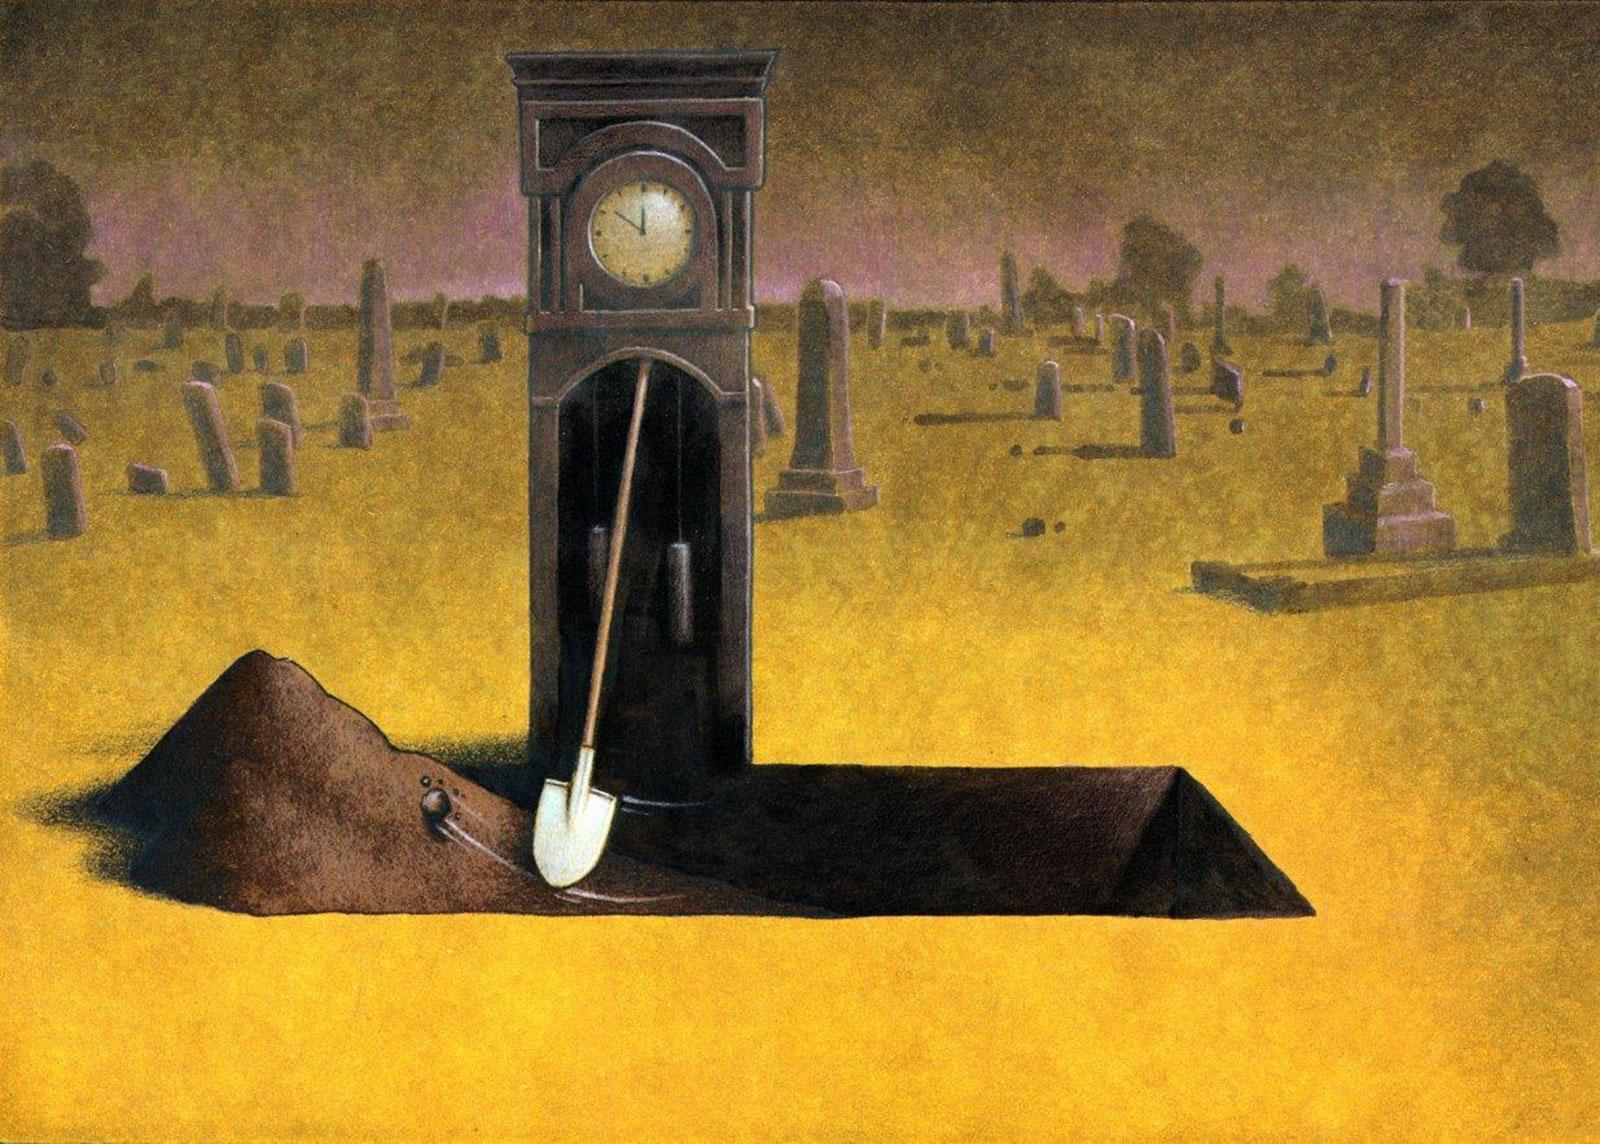 исламские картинки про смерть